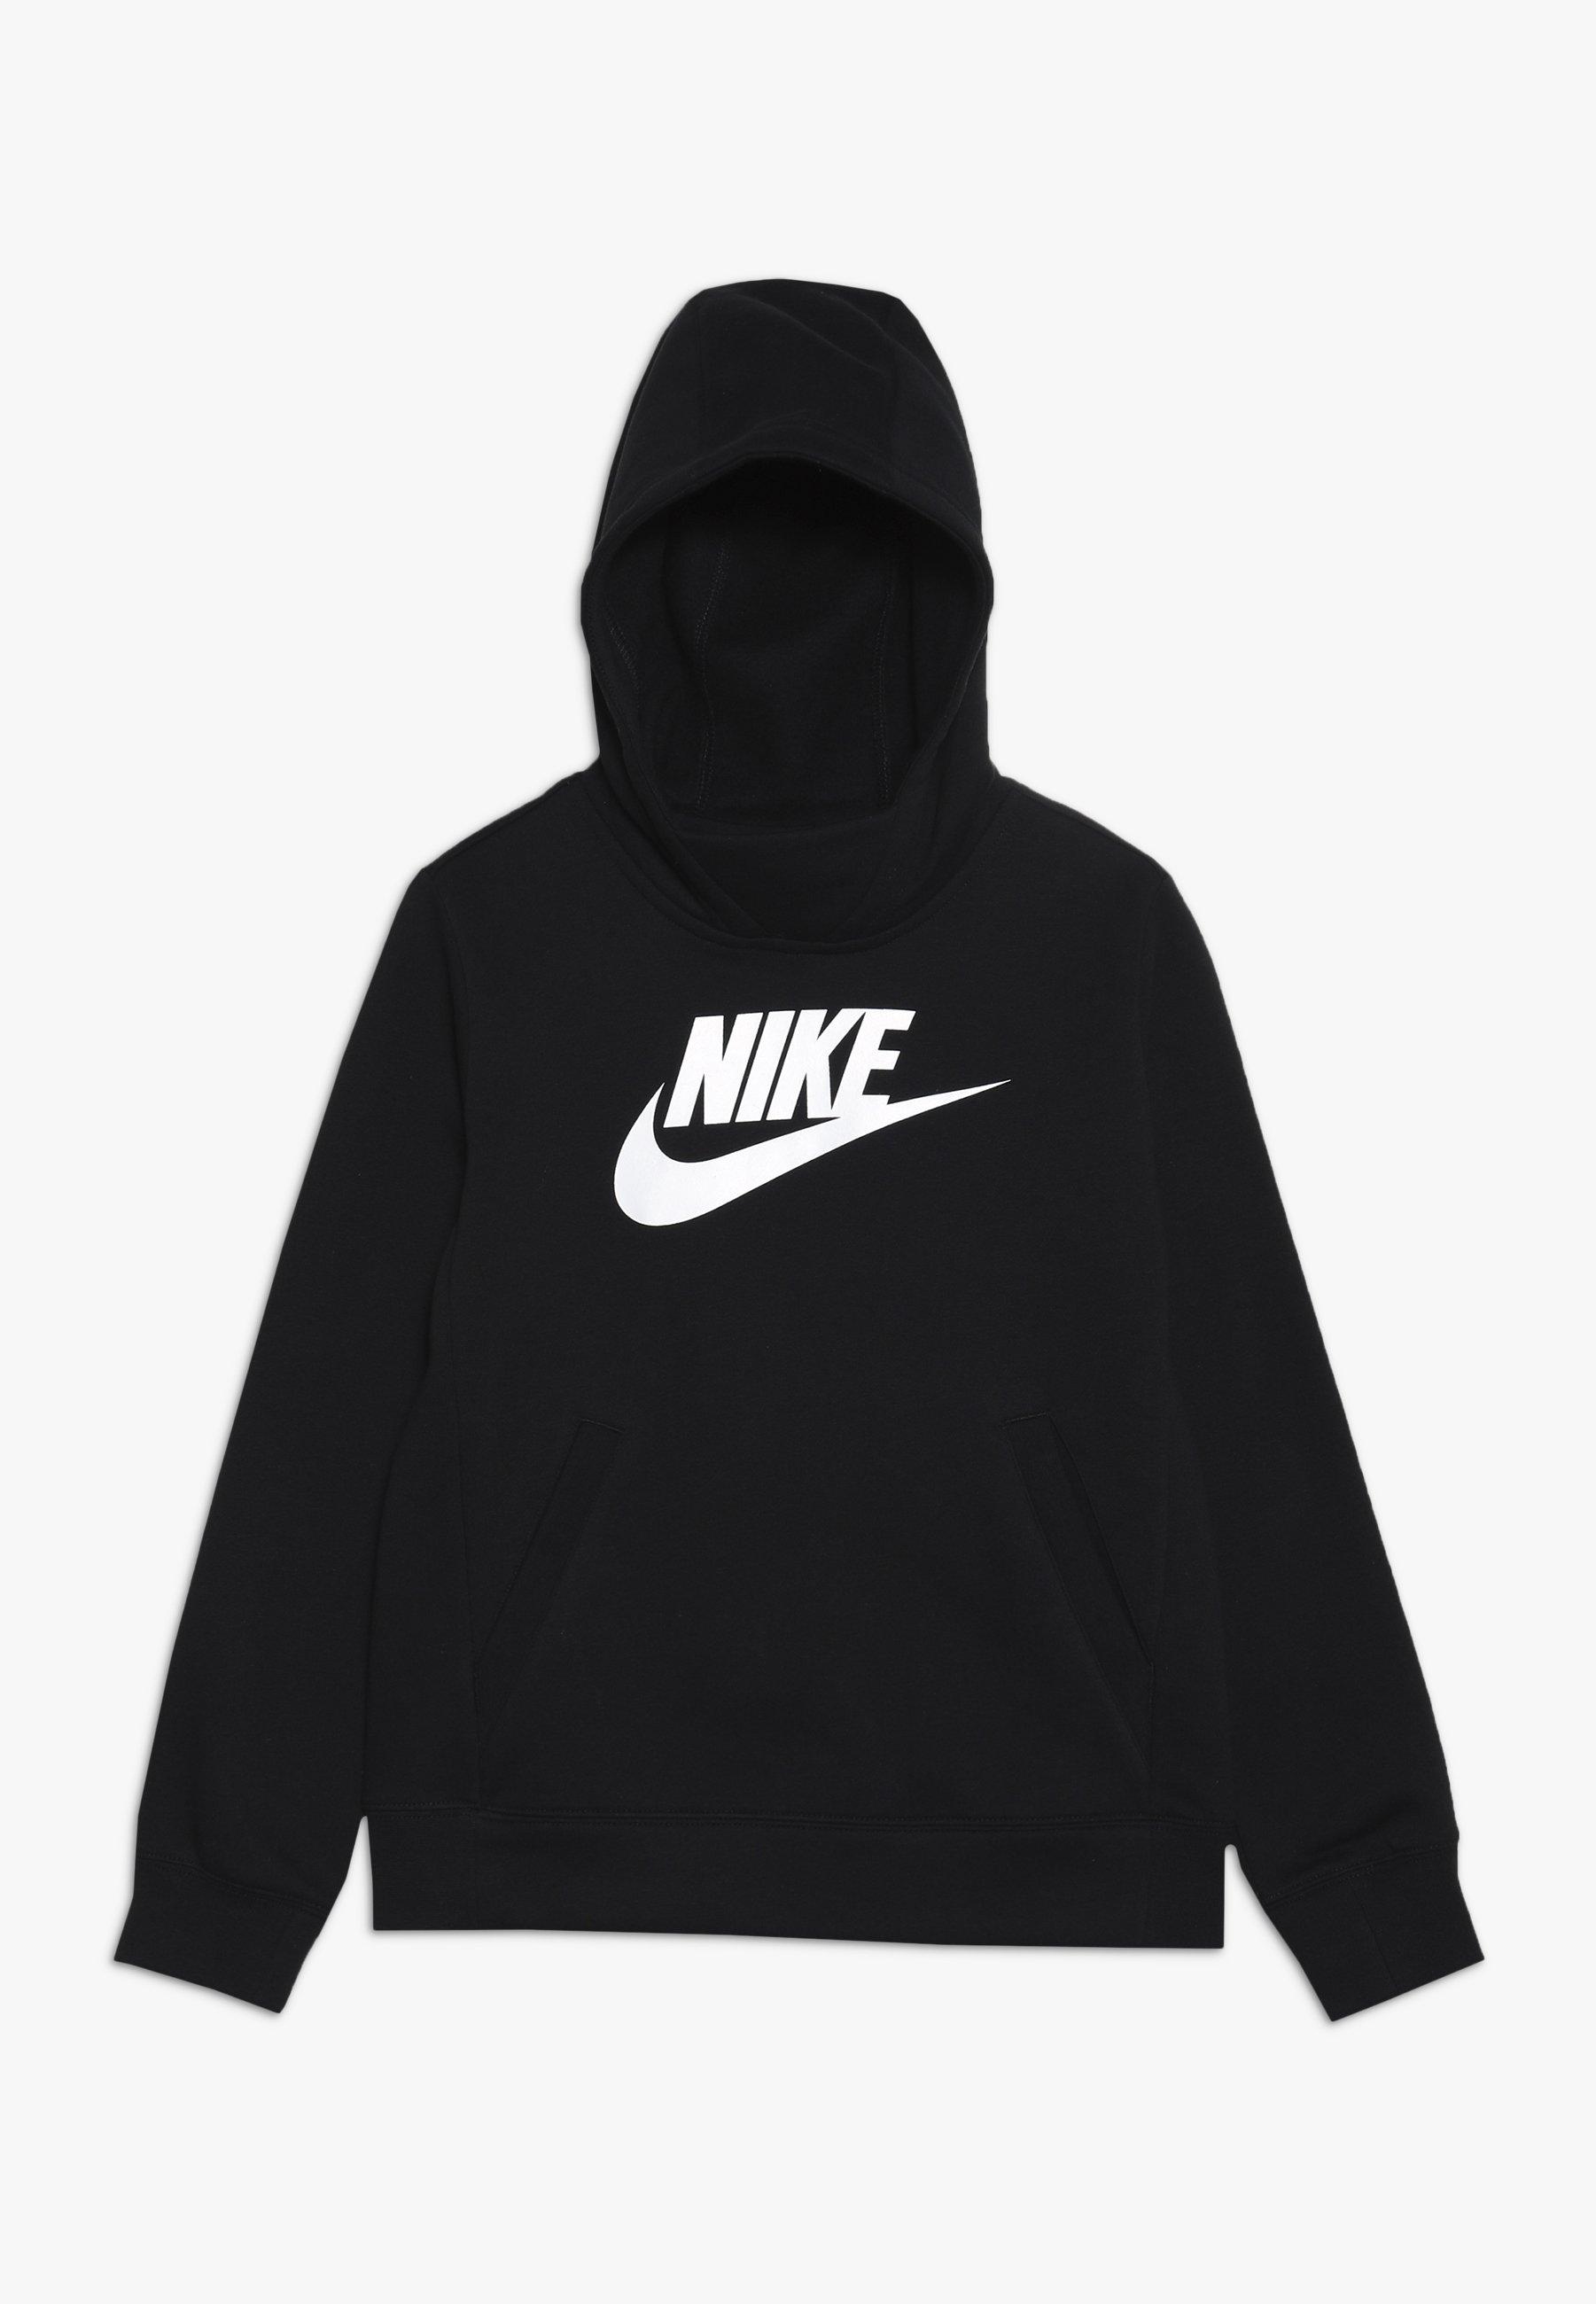 Große Förderung Nike Sportswear Kapuzenpullover - black/white | Damenbekleidung 2020